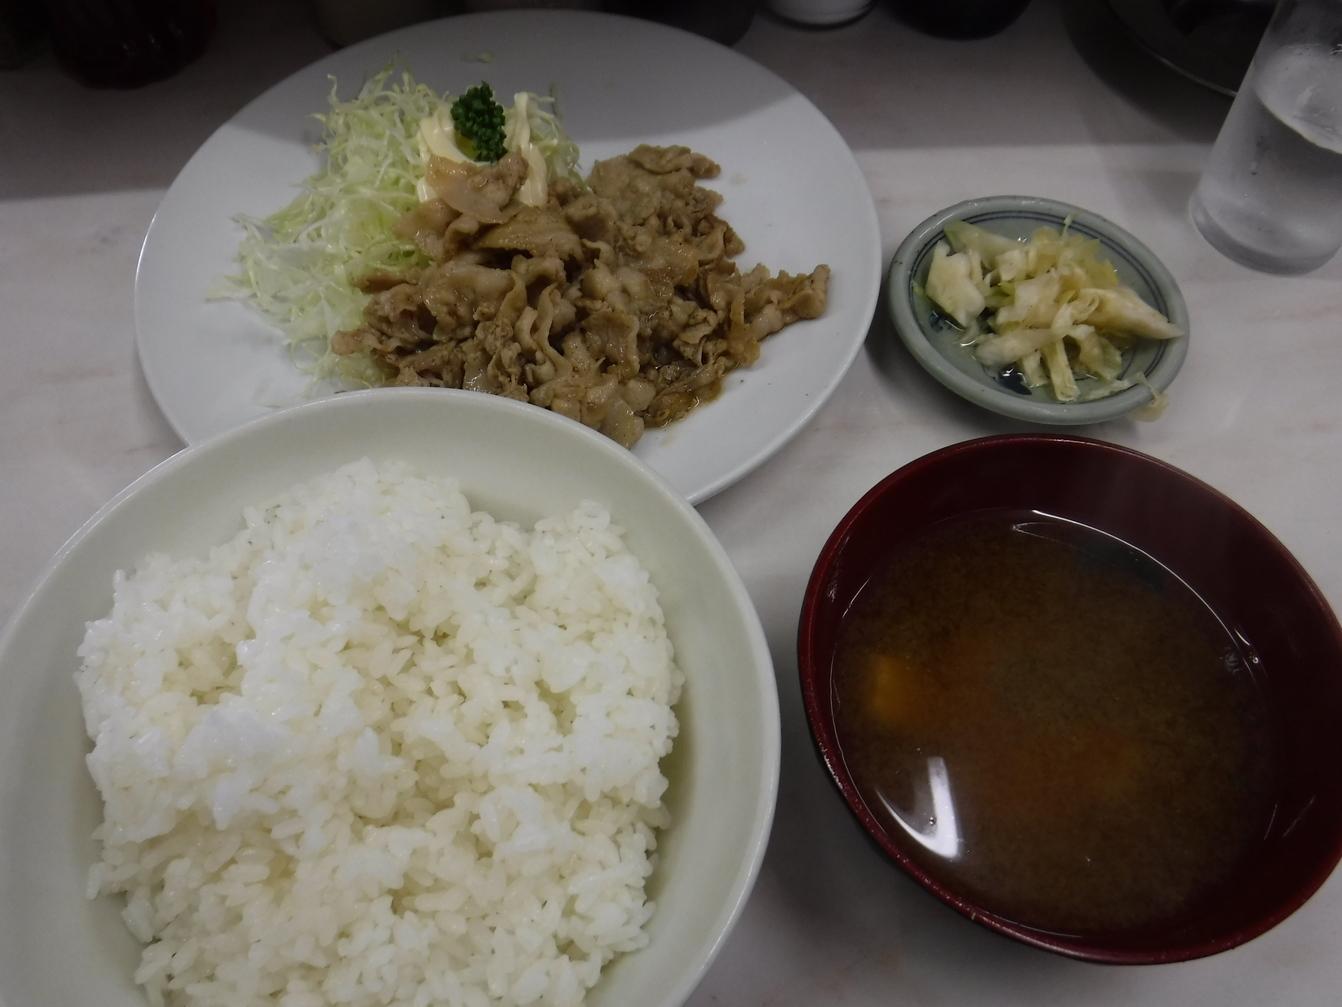 角常食堂 中央市場店 name=